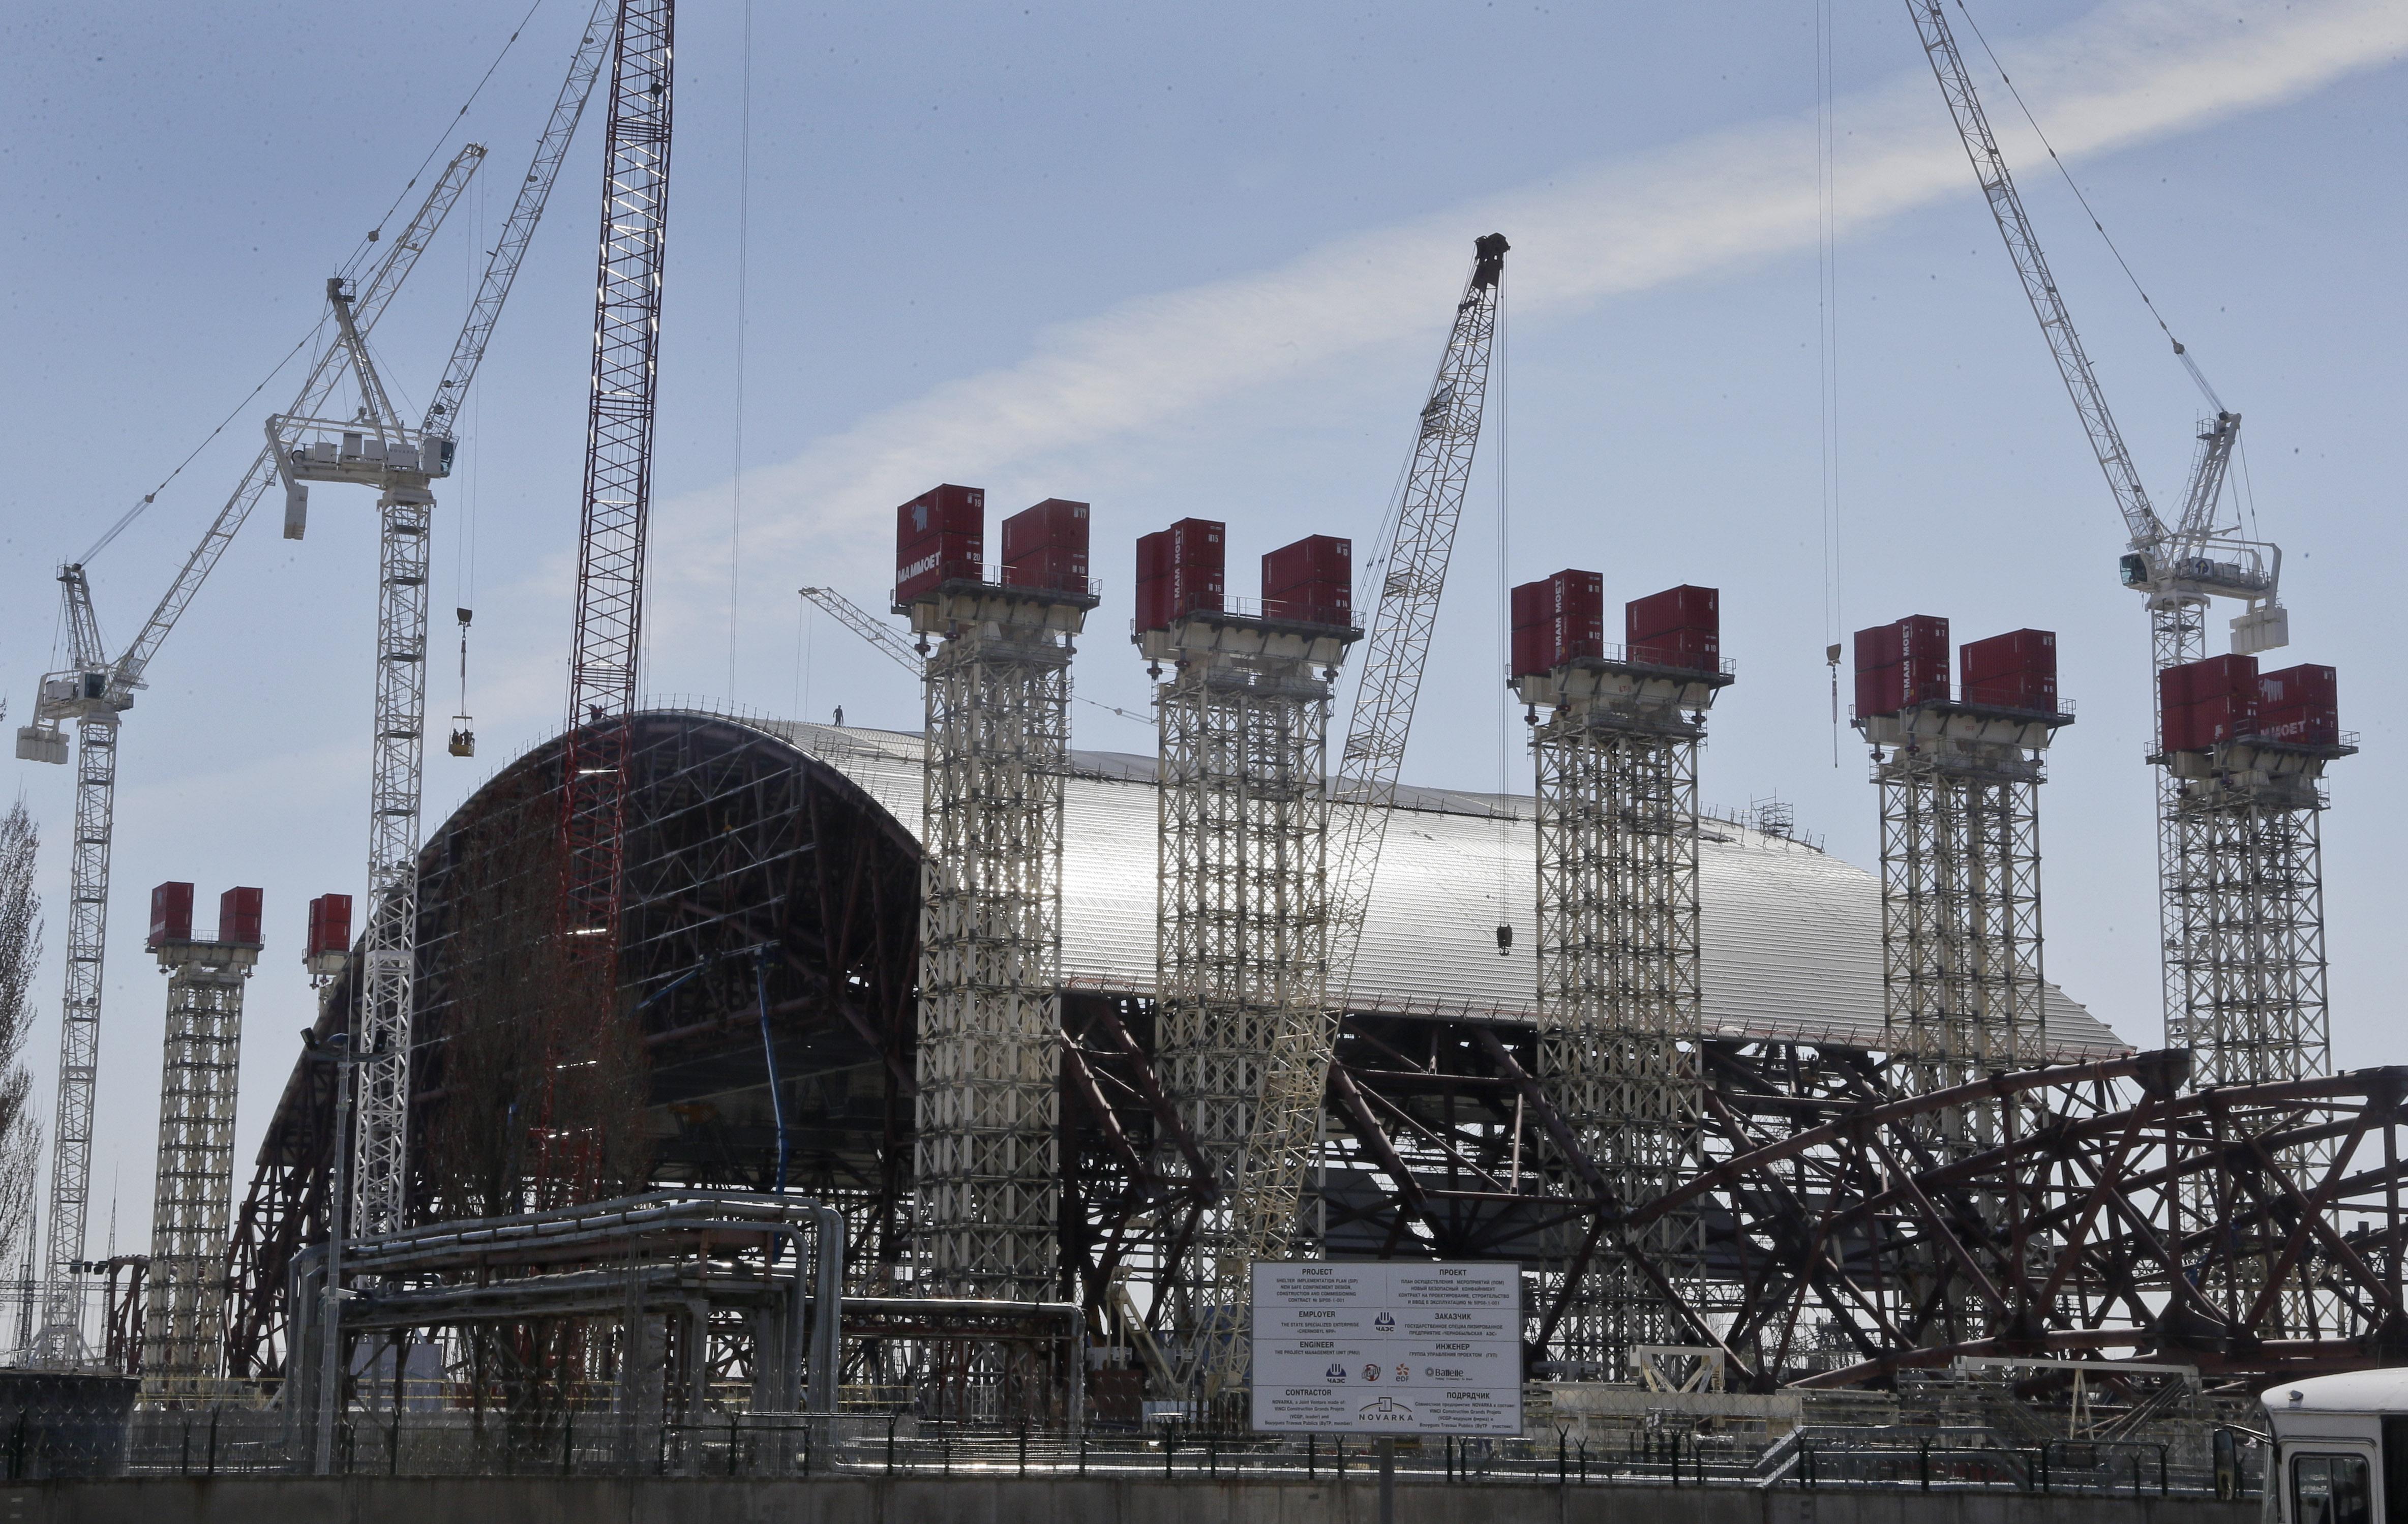 Esta enorme estrutura de aço vai sepultar o Reator 4 de Chernobyl